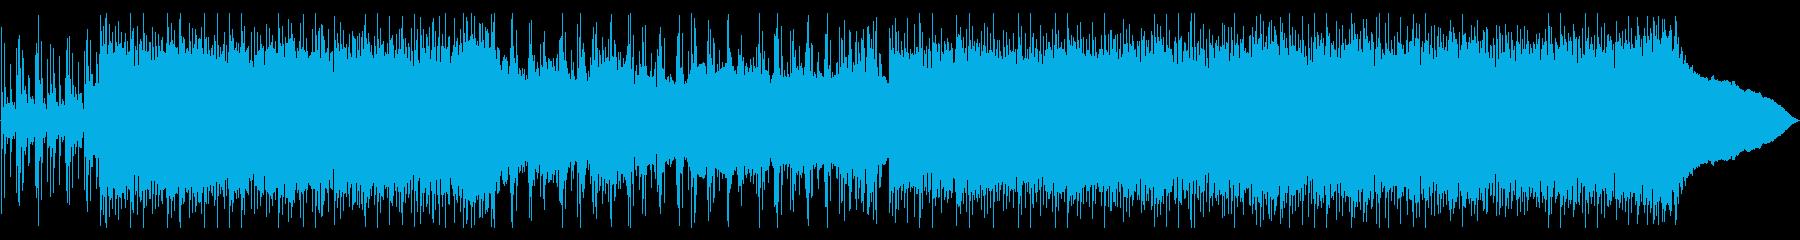 スピード感のあるハードロックインストの再生済みの波形